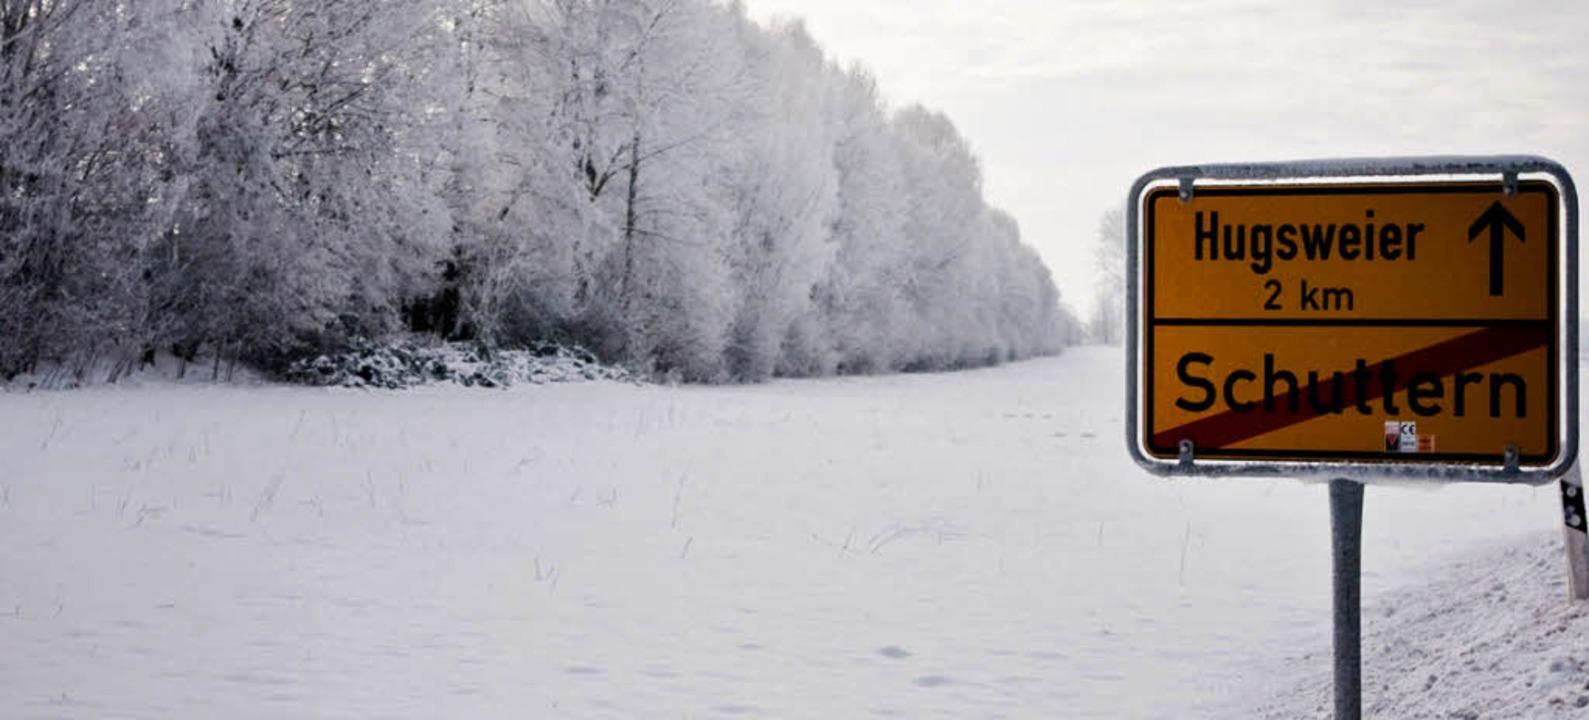 Auch im Winter ist das Dickicht ein artenreiches Biotop.   | Foto: BUND